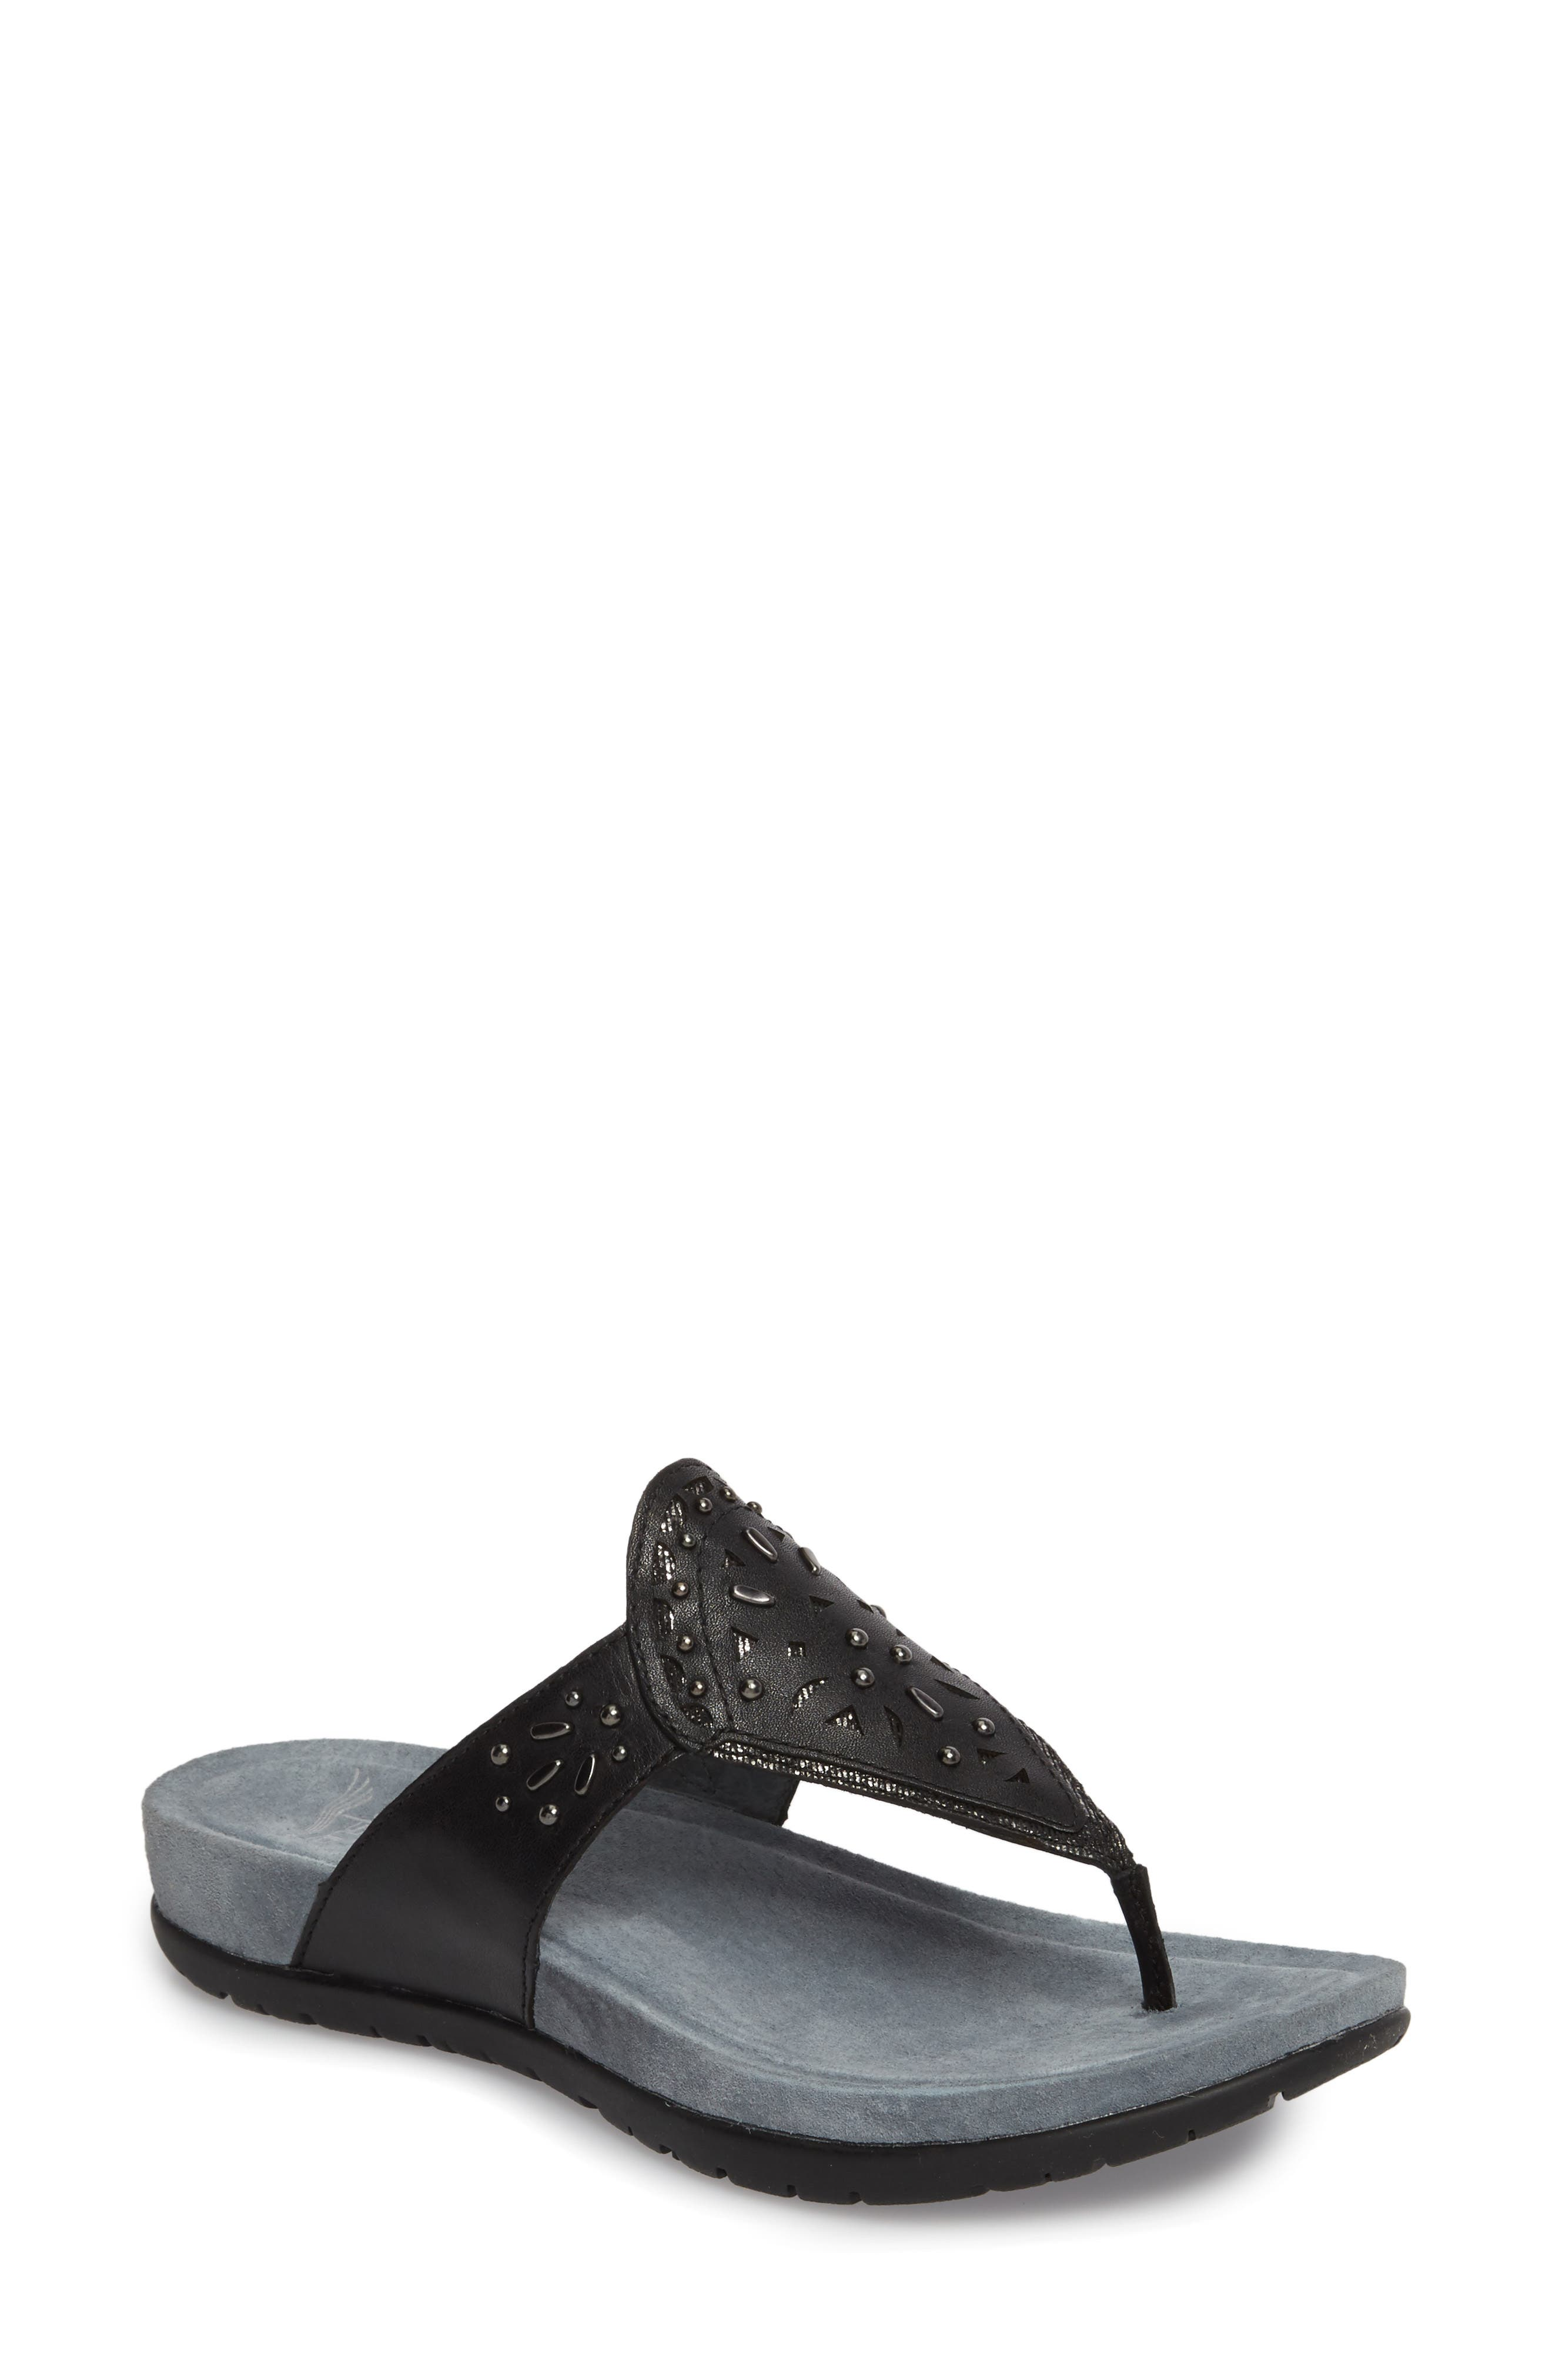 Benita Embellished Flip Flop,                         Main,                         color, 001